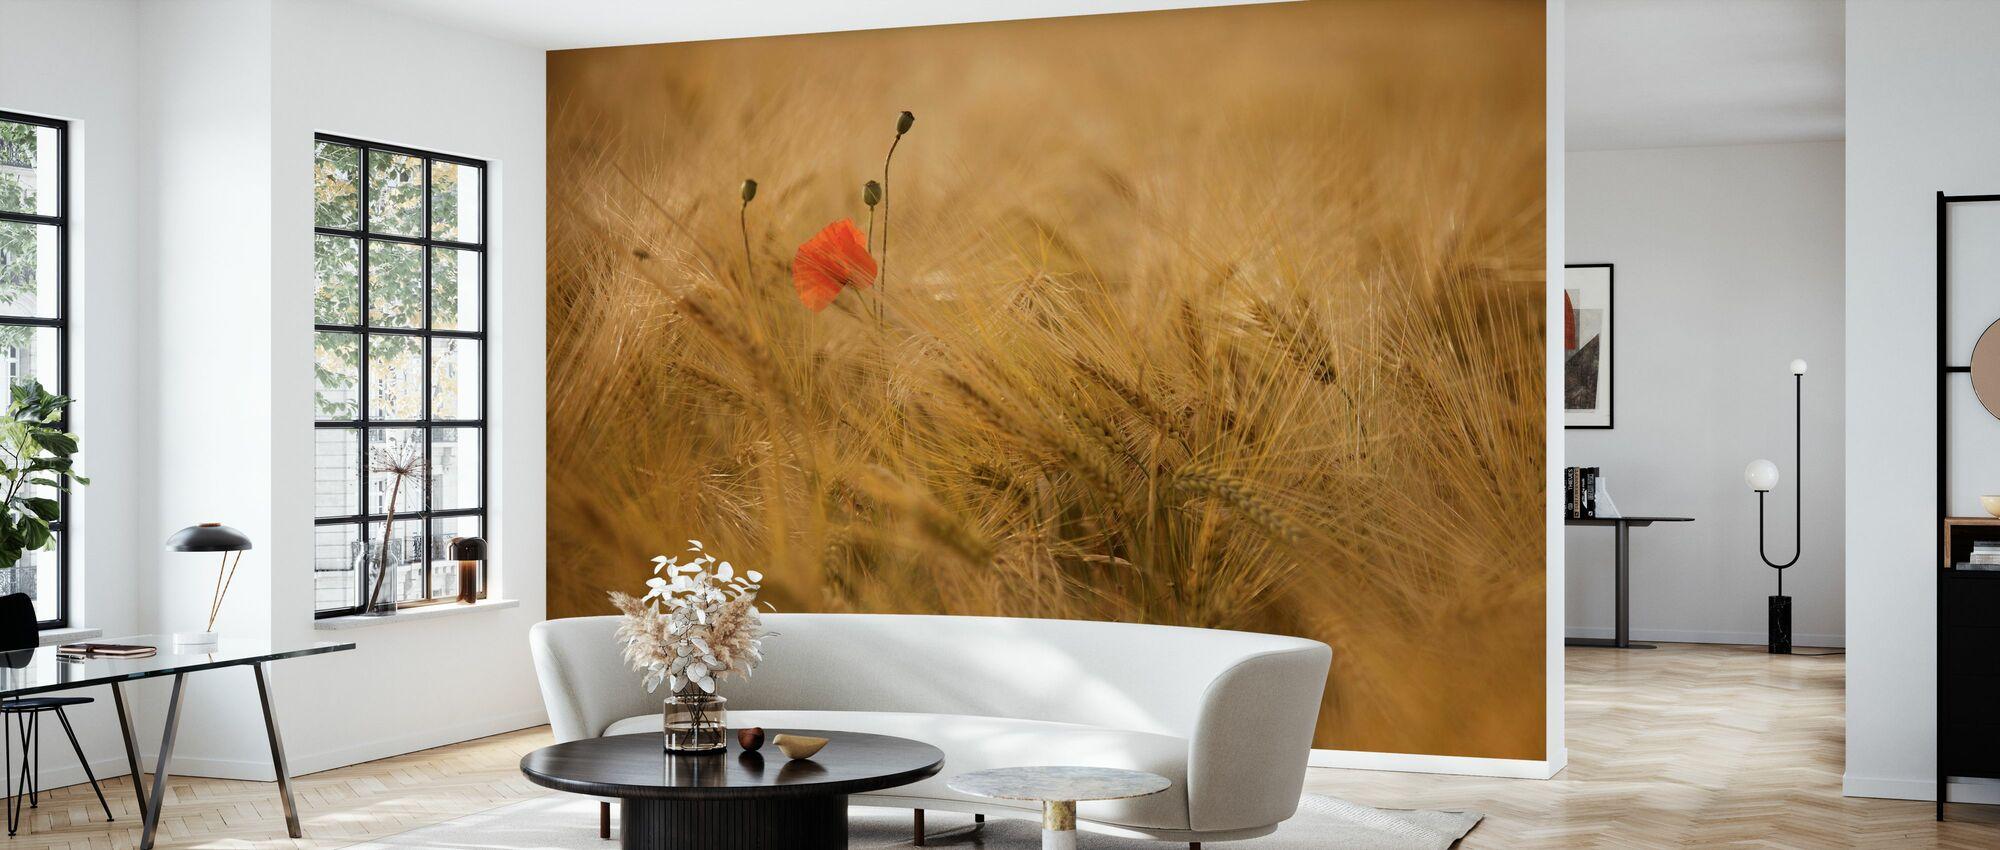 Ephemeral - Wallpaper - Living Room